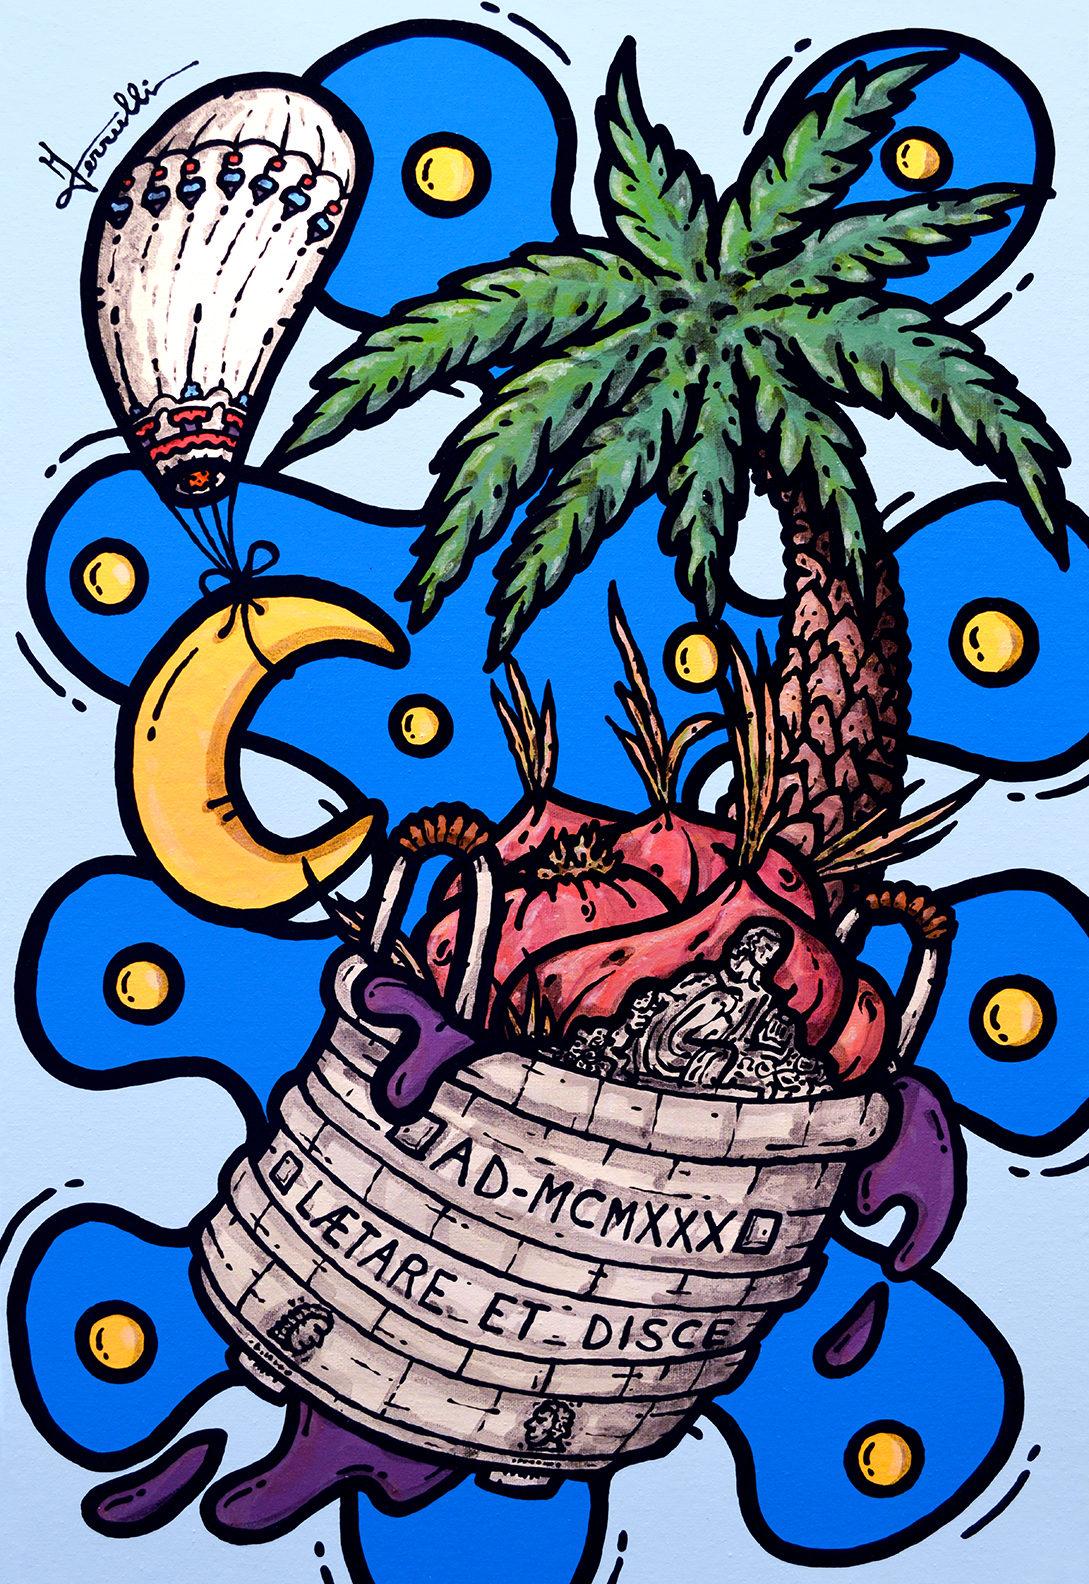 opera d'arte, contornismo metafisico, francesco ferrulli, pittore pugliese, artista italiano, arte contemporanea, dipinto, olio su tela, acrilico su tela, paesaggi pugliesi, quadro colorato, oil on canvas, art, painter, acquaviva delle fonti, cassarmonica, cipolle, vino, pallone della madonna,